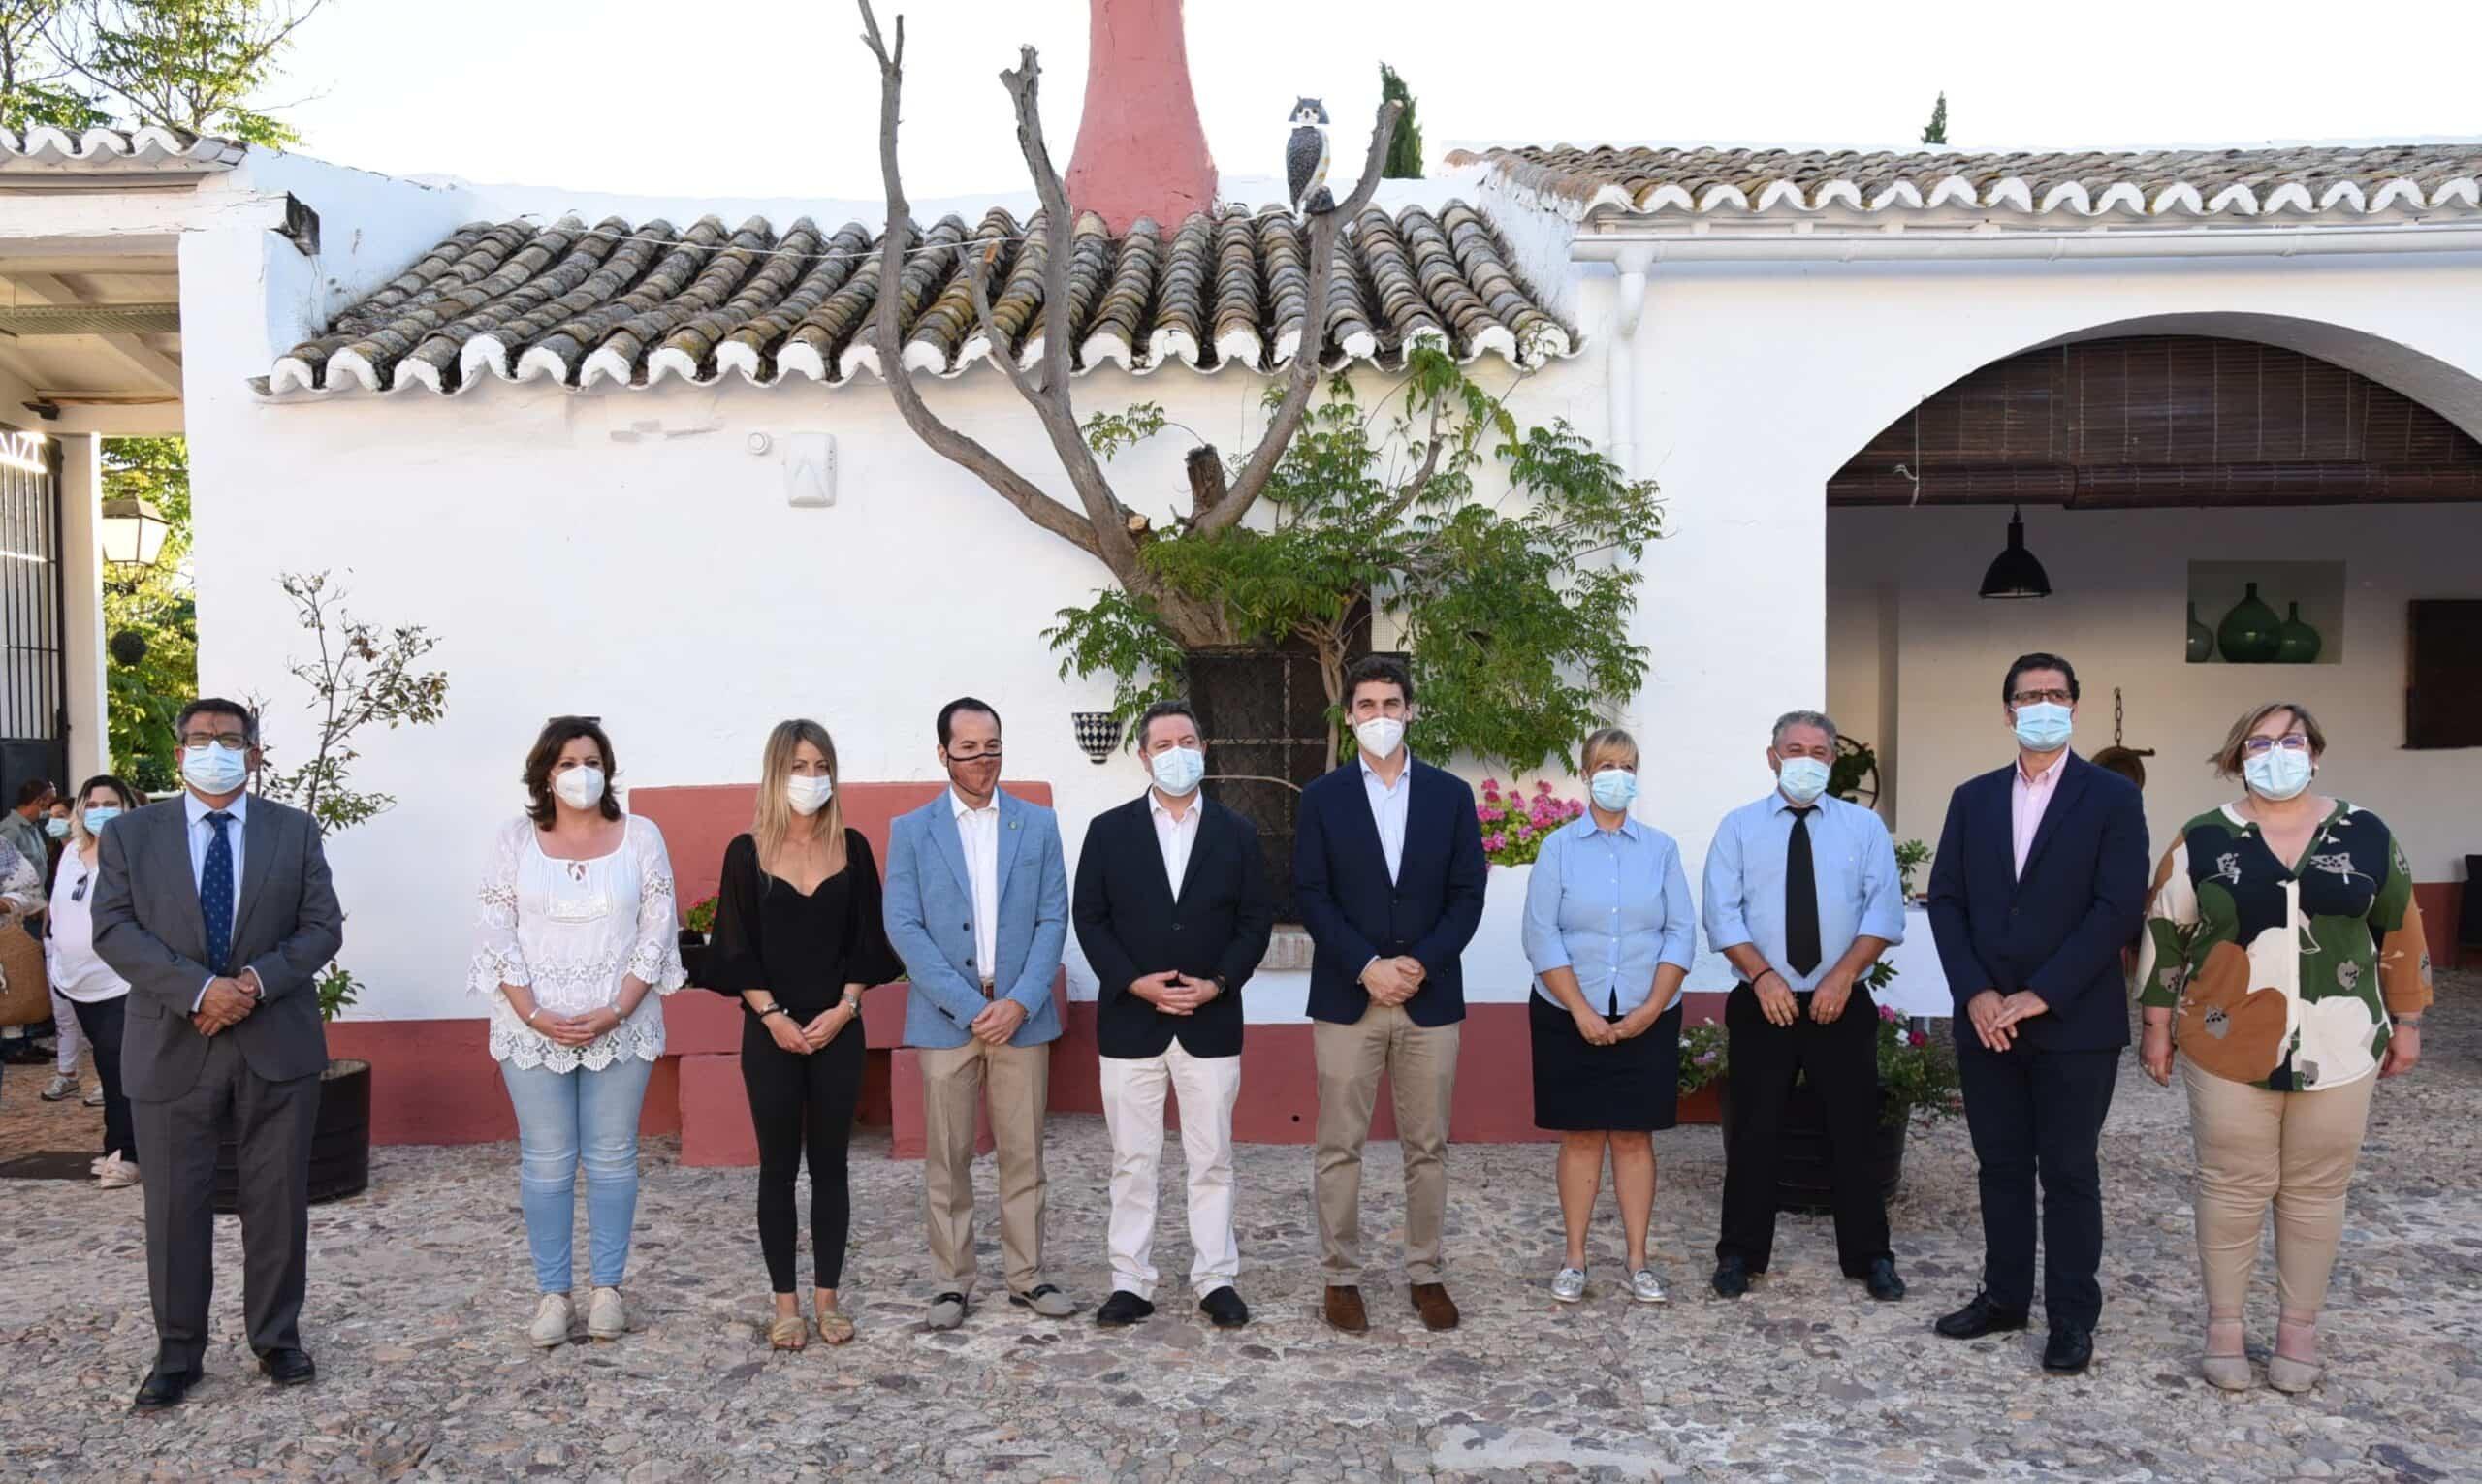 """visita el complejo rural cortijo sierra de la solana 1878 50017237002 o 1 scaled - Visita al complejo rural """"Cortijo Sierra de la Solana 1878"""" en Herencia"""